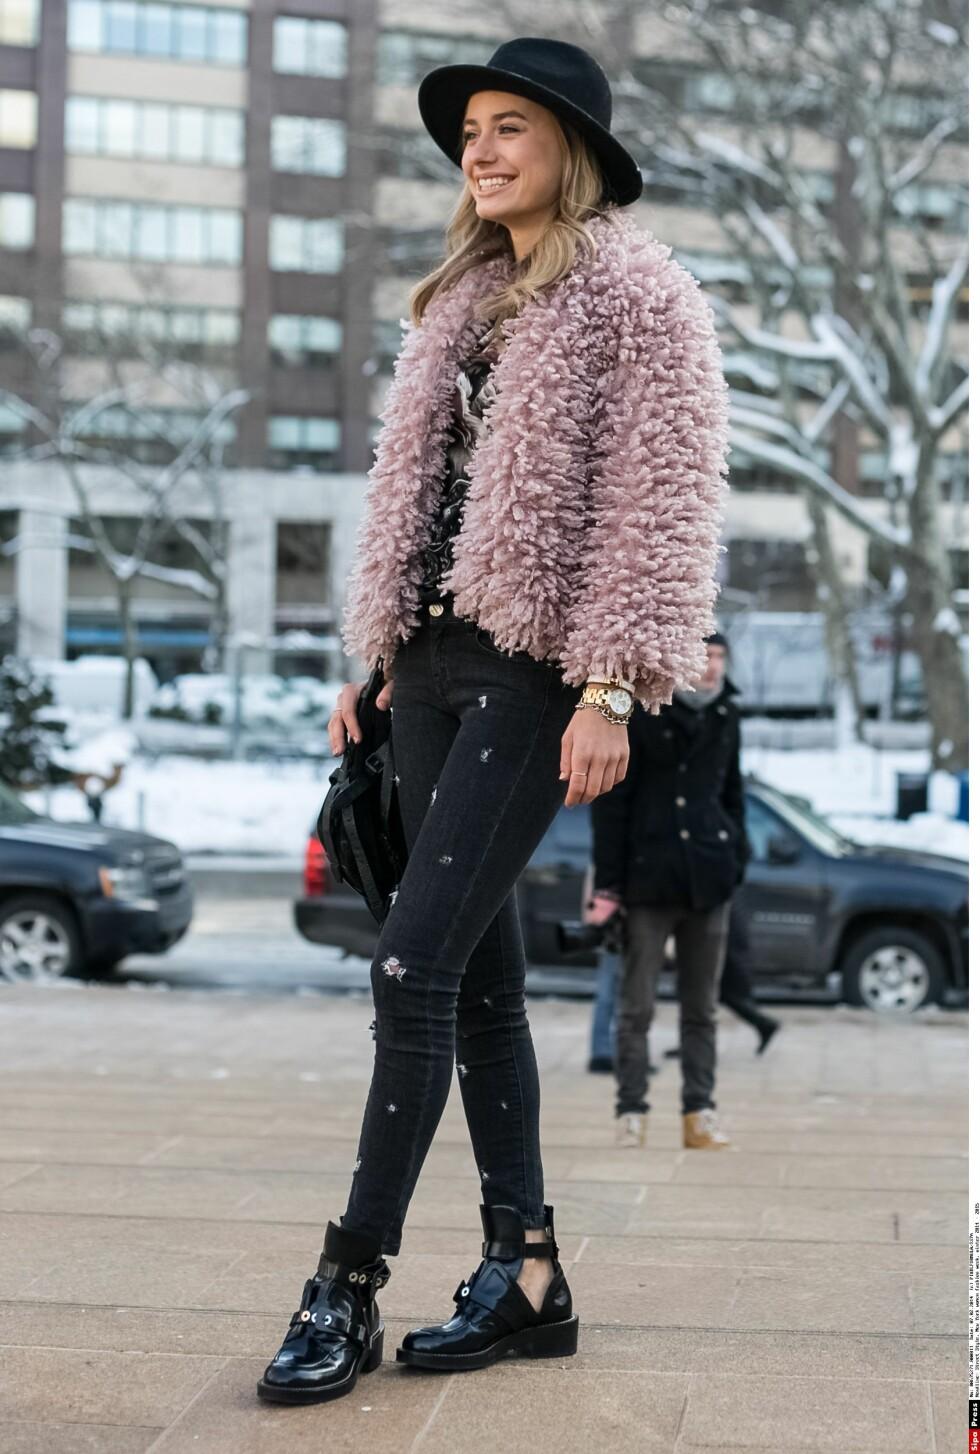 STJEL DEN CHICE STILEN: Denne fashionistaen har gått for et helsvart antrekk med en statementjakke i rosa for en chic streetstyle i New Yorks høstgater. Foto: All Over.